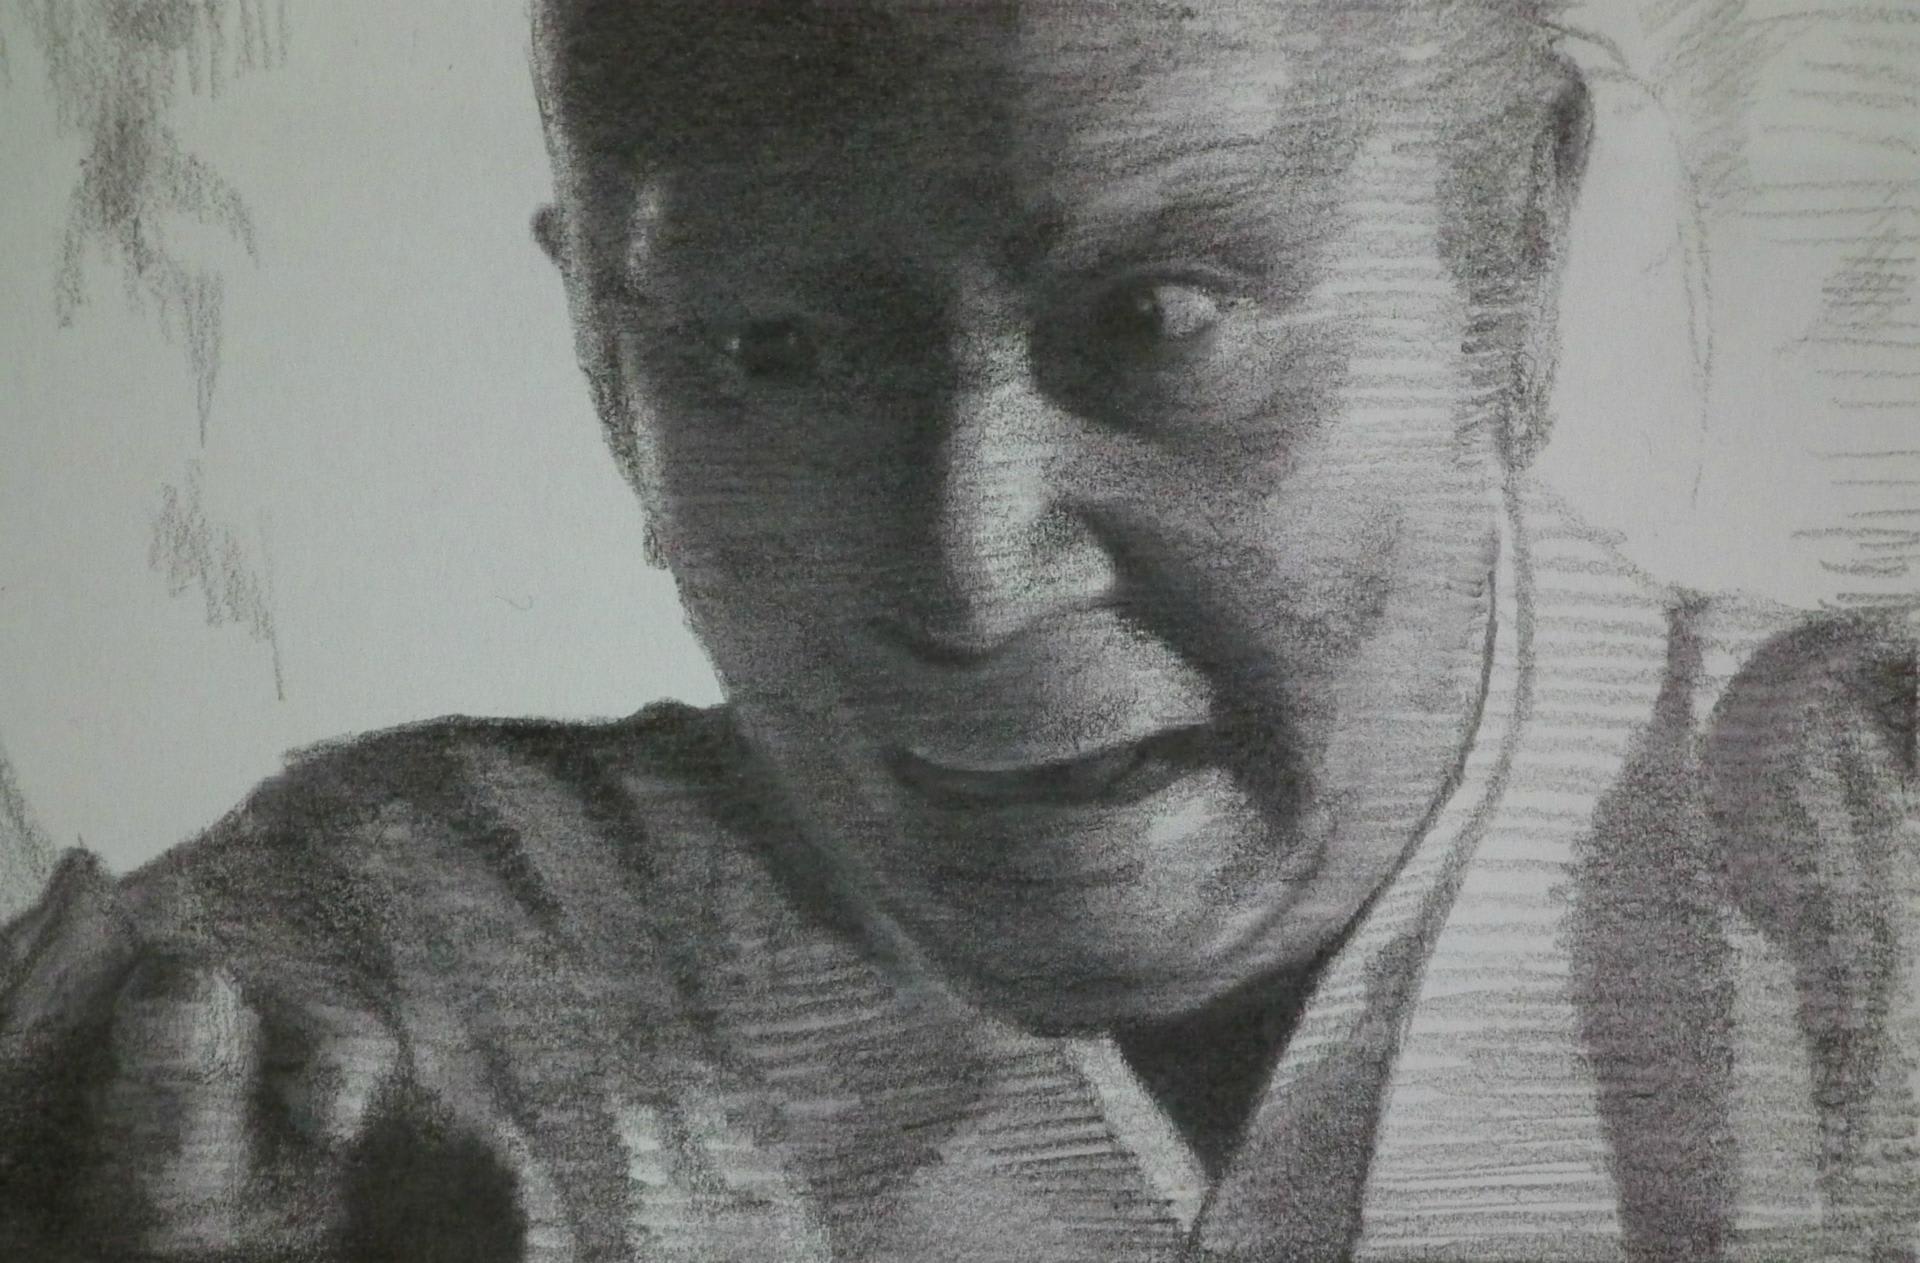 魔界転生の画像 p1_33